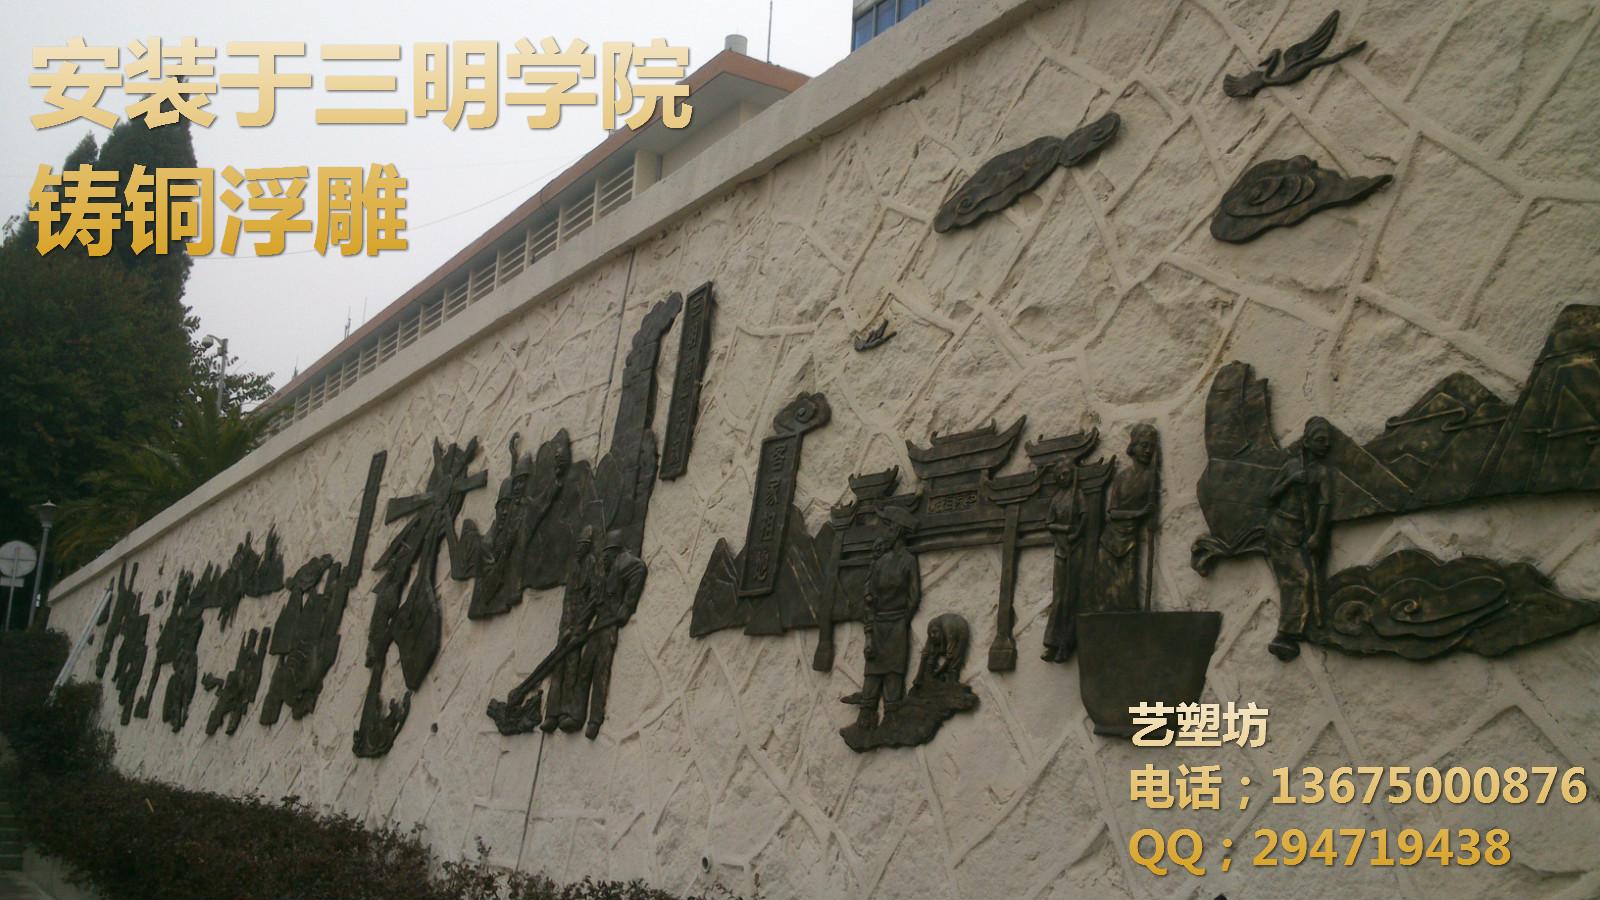 晋江公园雕塑#会场雕塑#大型雕塑设计|1